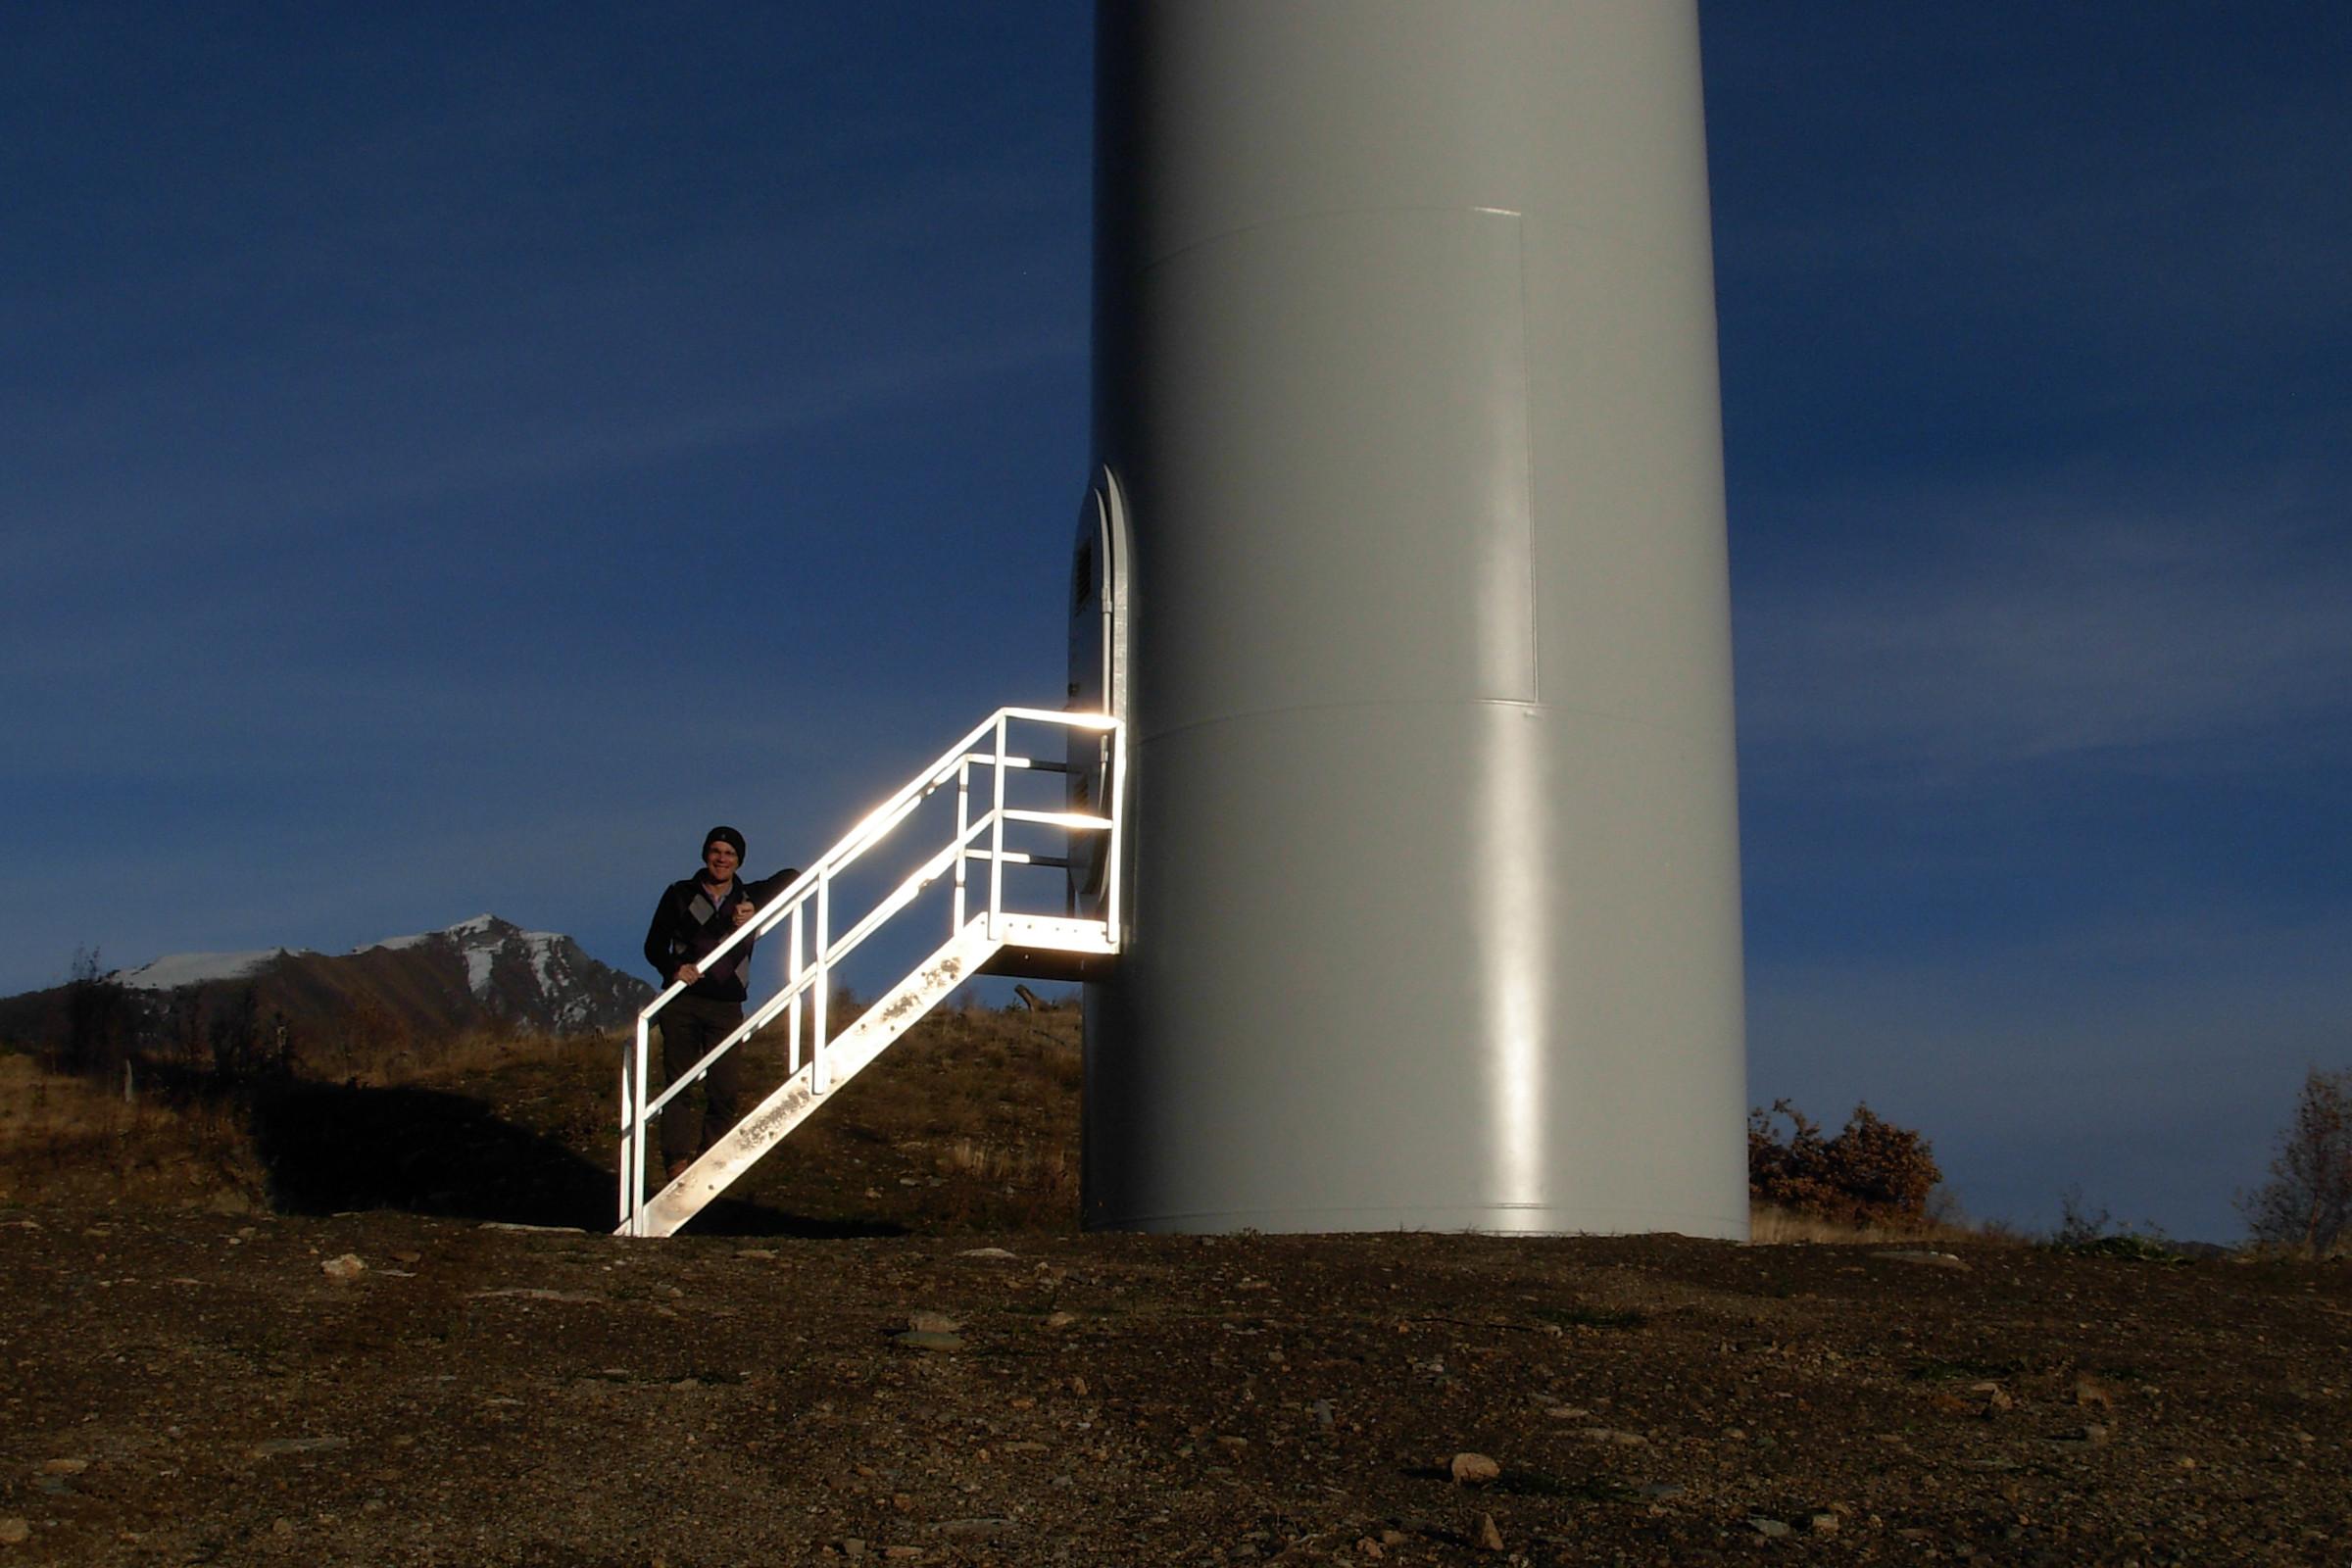 La scaletta della pala eolica di Saint-Denis - Foto di Gian Mario Navillod